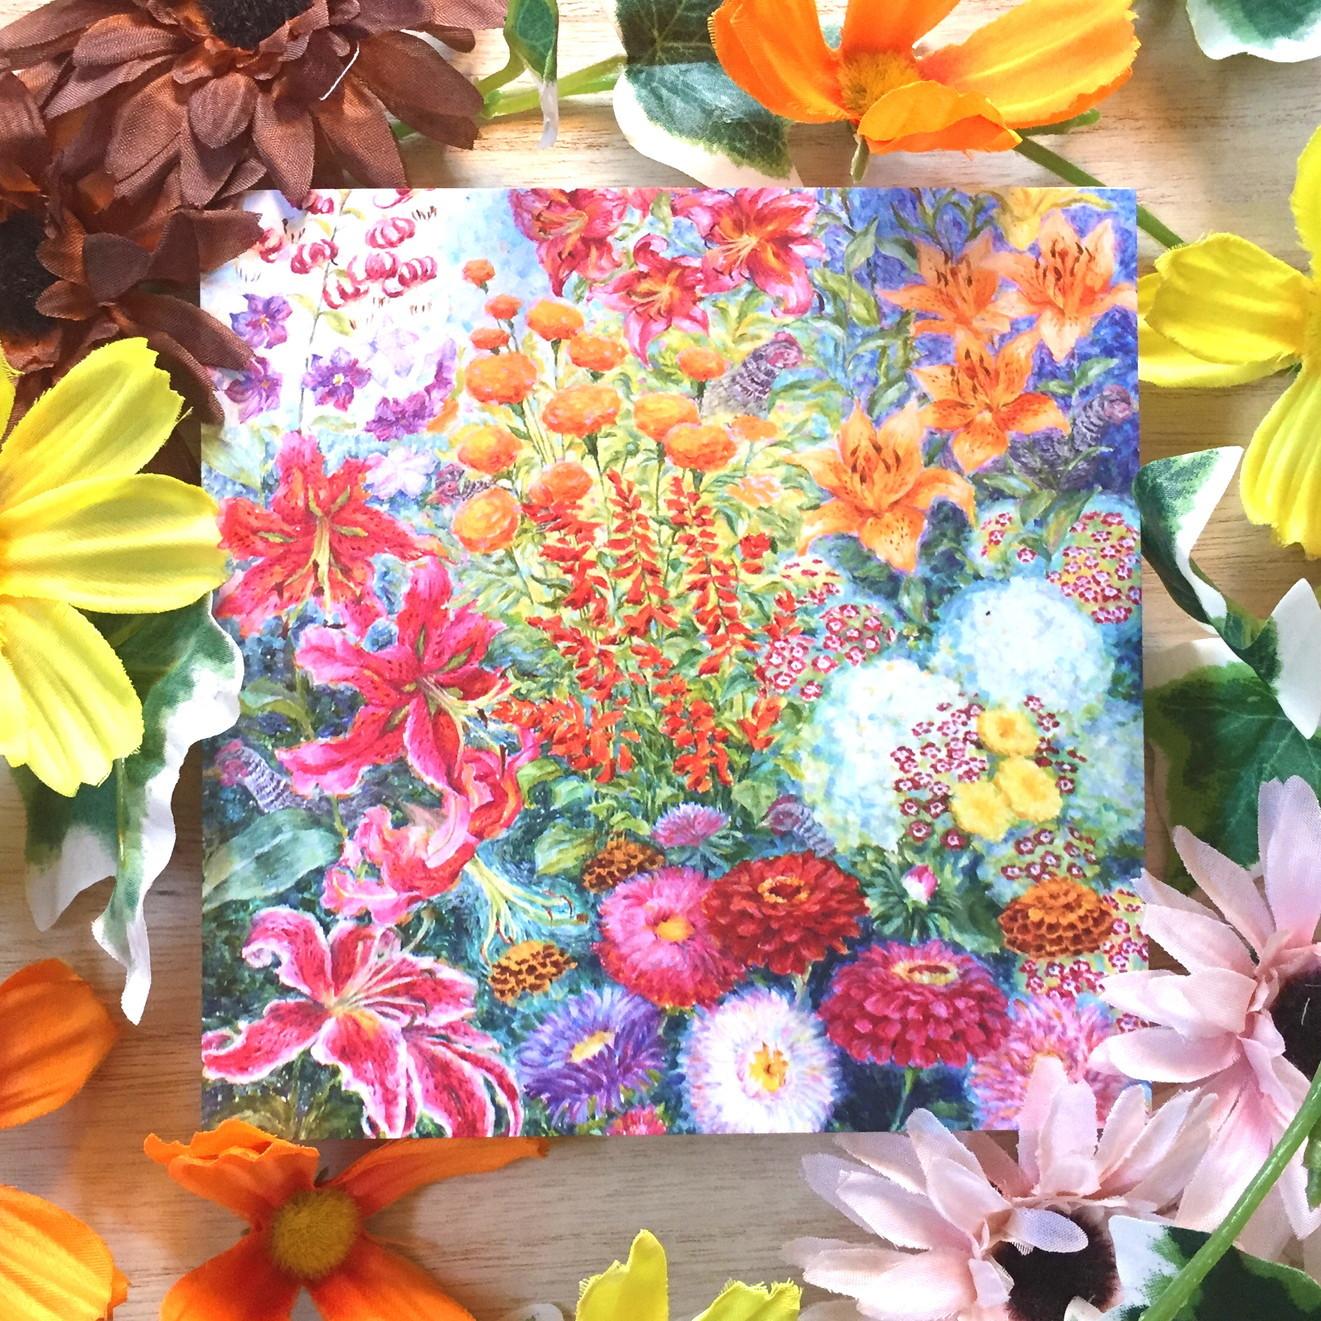 絵画 インテリア アートパネル 雑貨 壁掛け 置物 おしゃれ 油絵 水彩画 鉛筆画 花 自然 風景 ロココロ 画家 : Uliana ( ウリャーナ ) 作品 : u-15